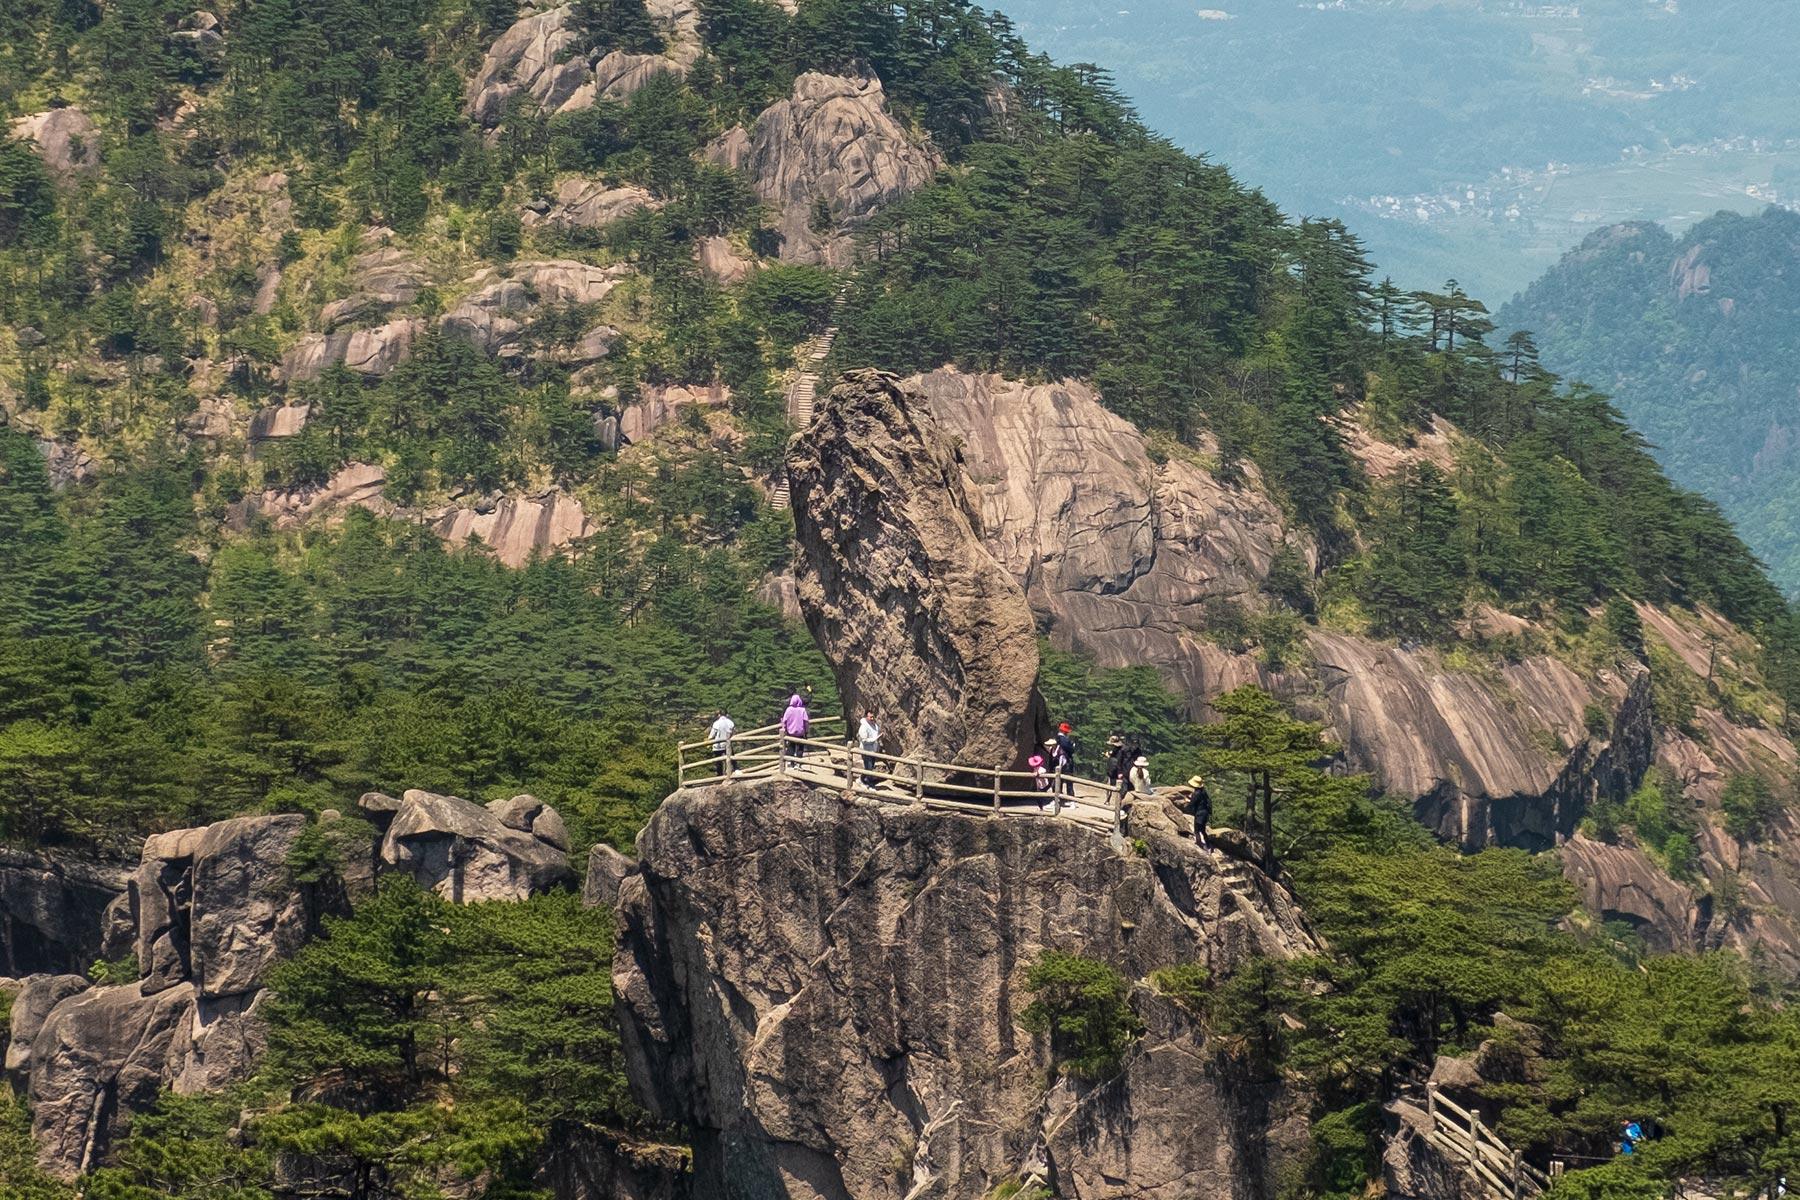 Tianhai im Huangshan Gebirge in Anhui, China im Frühling